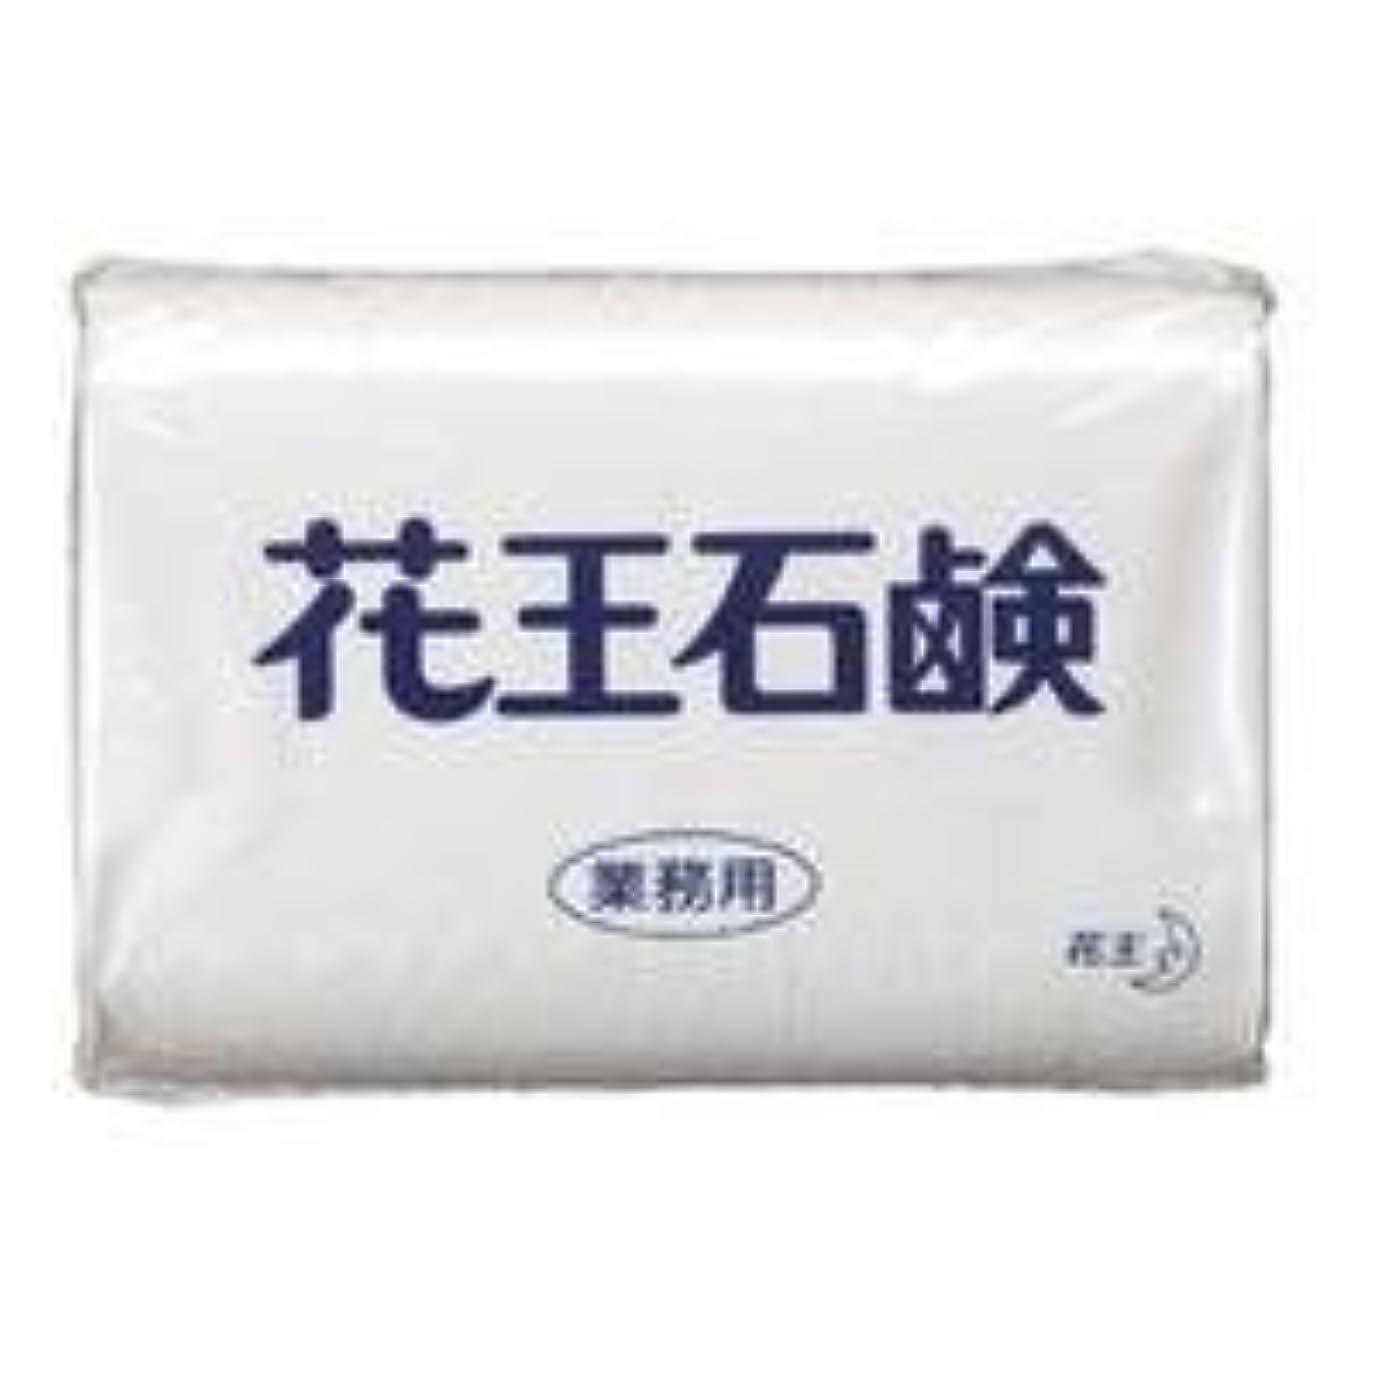 外交日光資格情報業務用石鹸 85g 3個×40パック(120個入り)